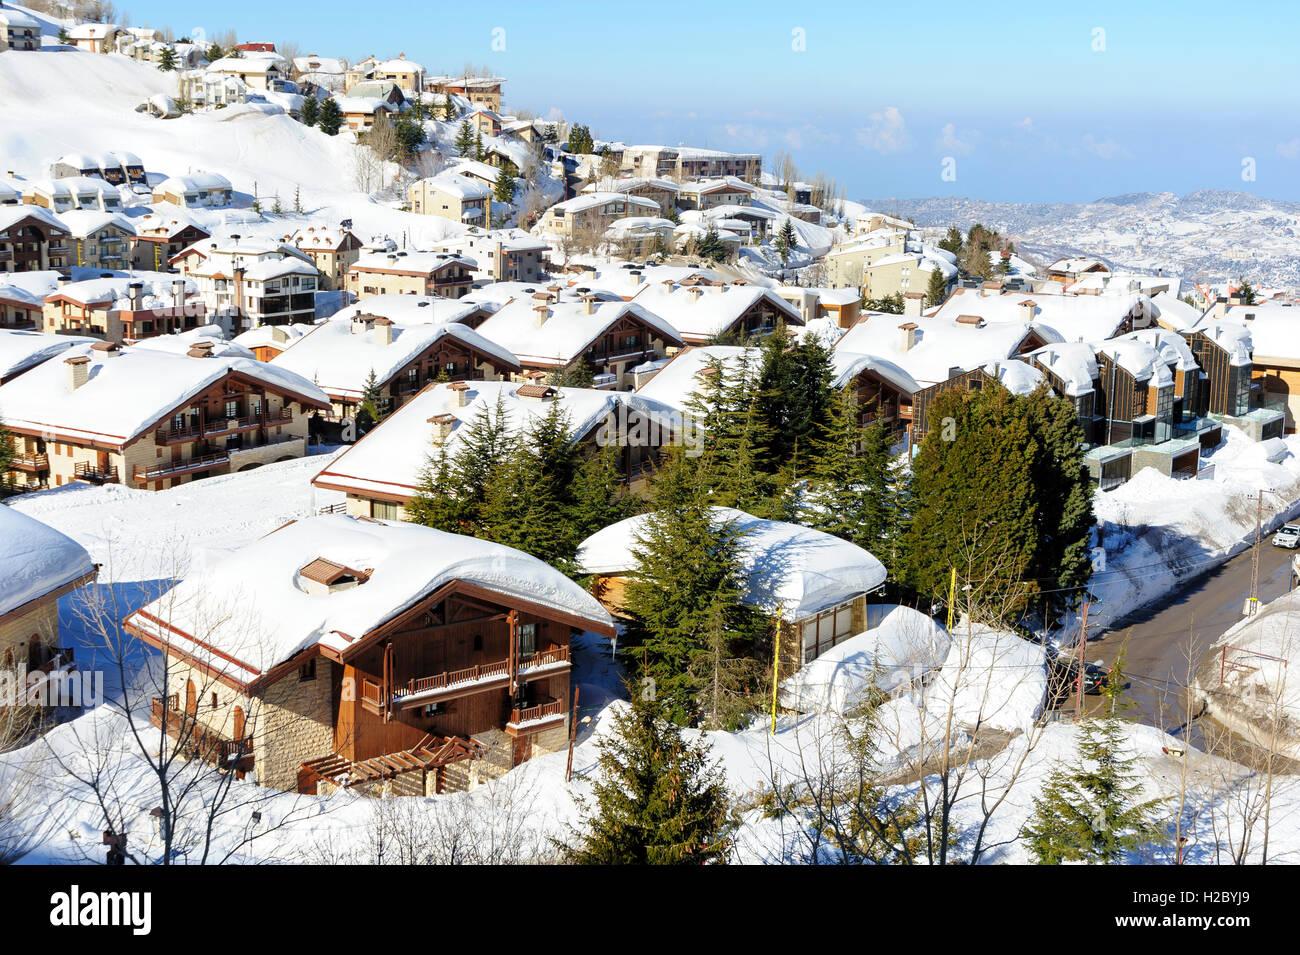 Kfardebian Mzaar ski resort in Libano durante l'inverno, coperto di neve. È anche chiamato Faraya. Immagini Stock